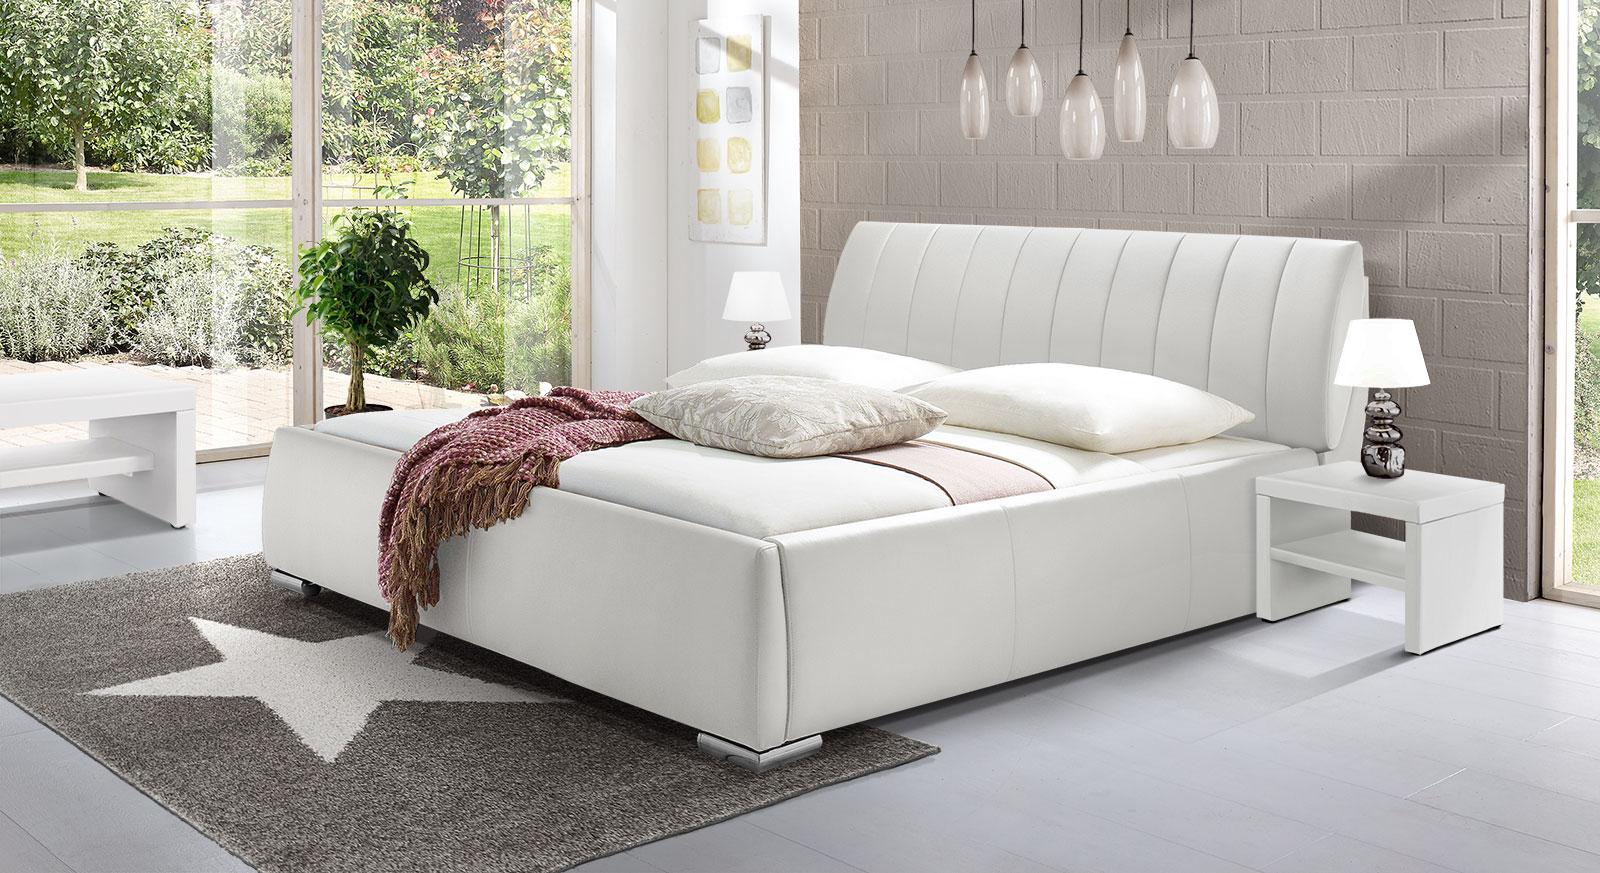 betten und bettgestelle im test und vergleich 2017. Black Bedroom Furniture Sets. Home Design Ideas